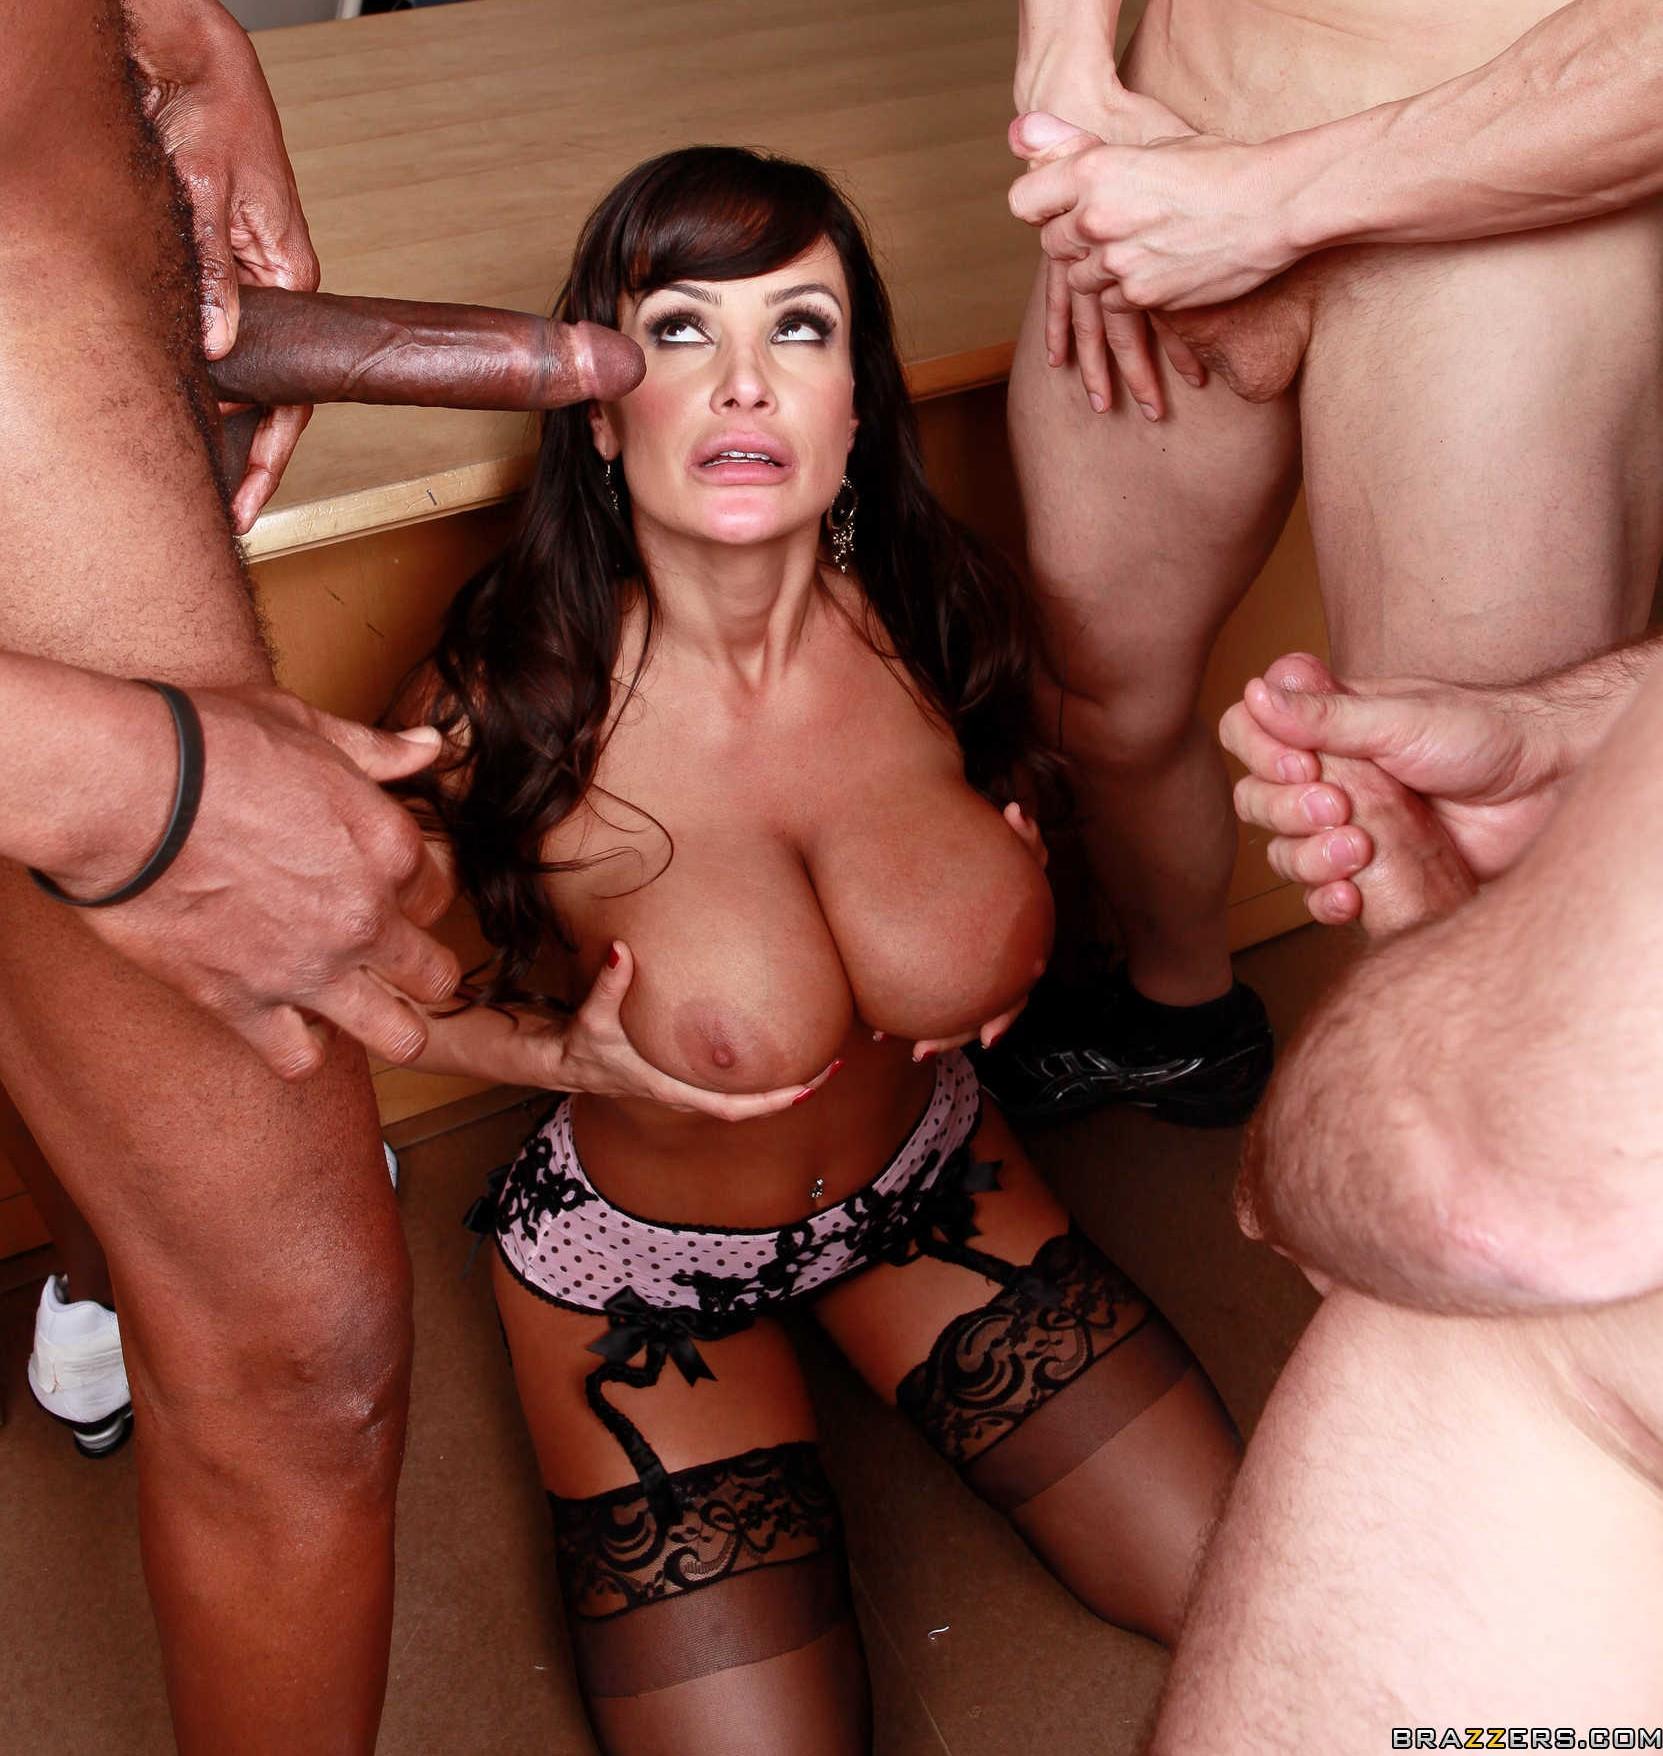 Free hq lisa ann julia ann oil overload porn photo